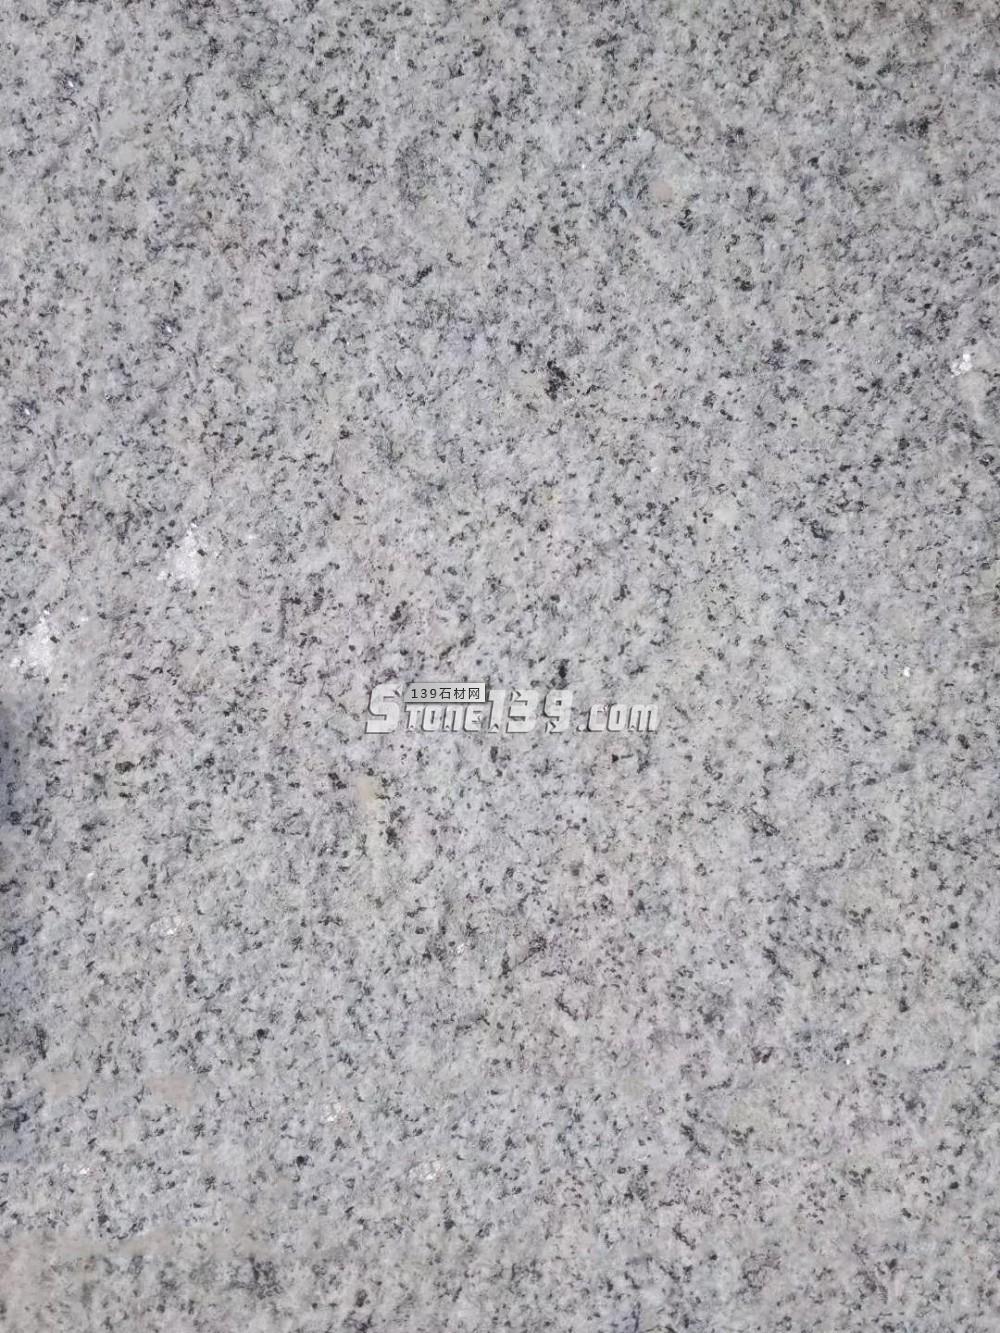 大连芝麻白芝麻灰石材